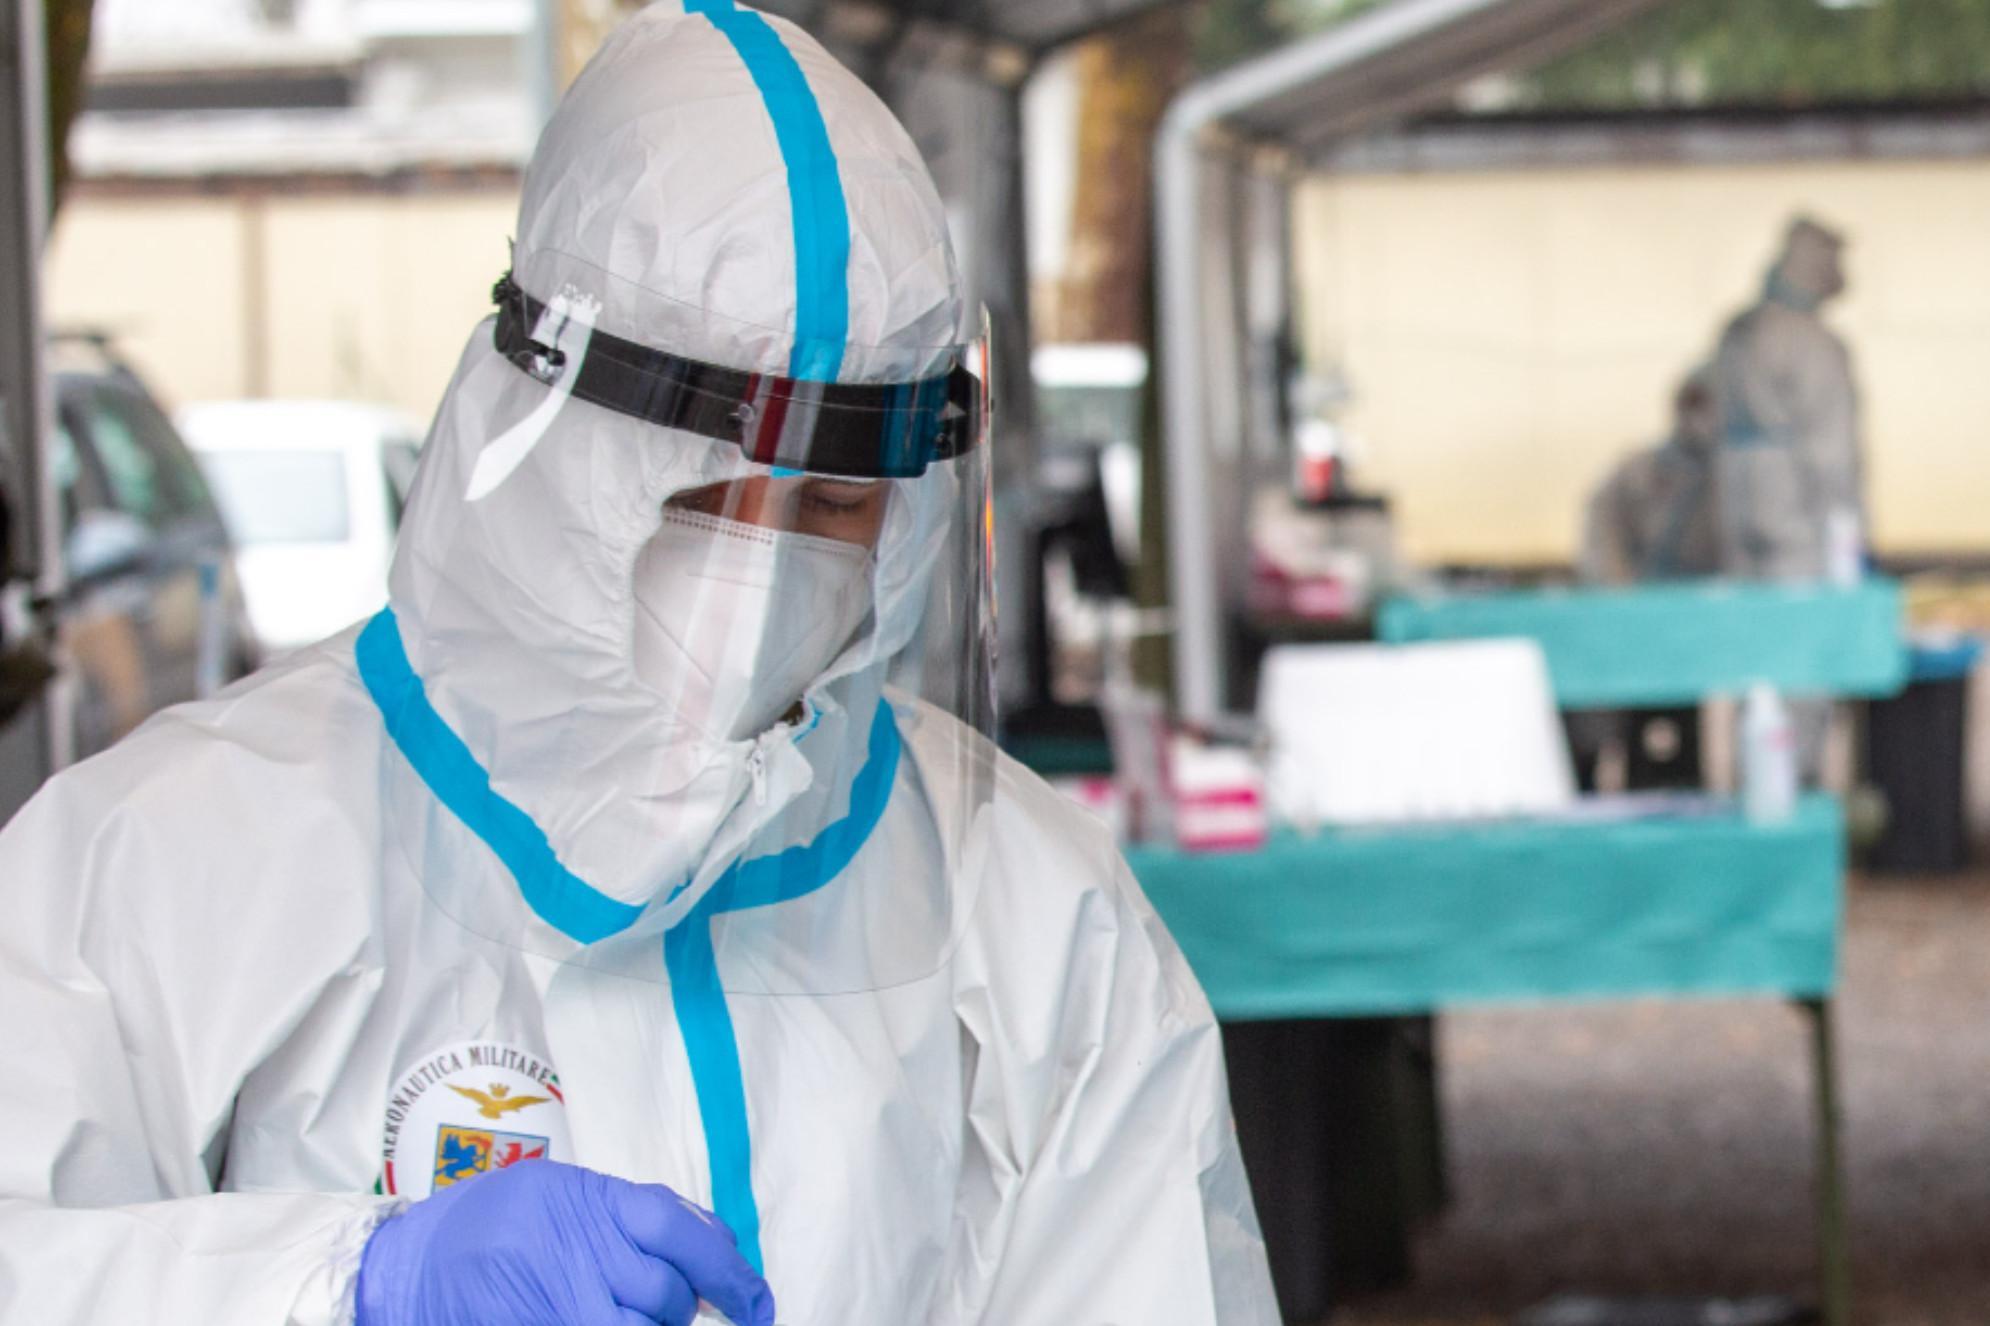 Covid Valle d'Aosta, oggi 54 contagi e 3 morti: bollettino 8 aprile